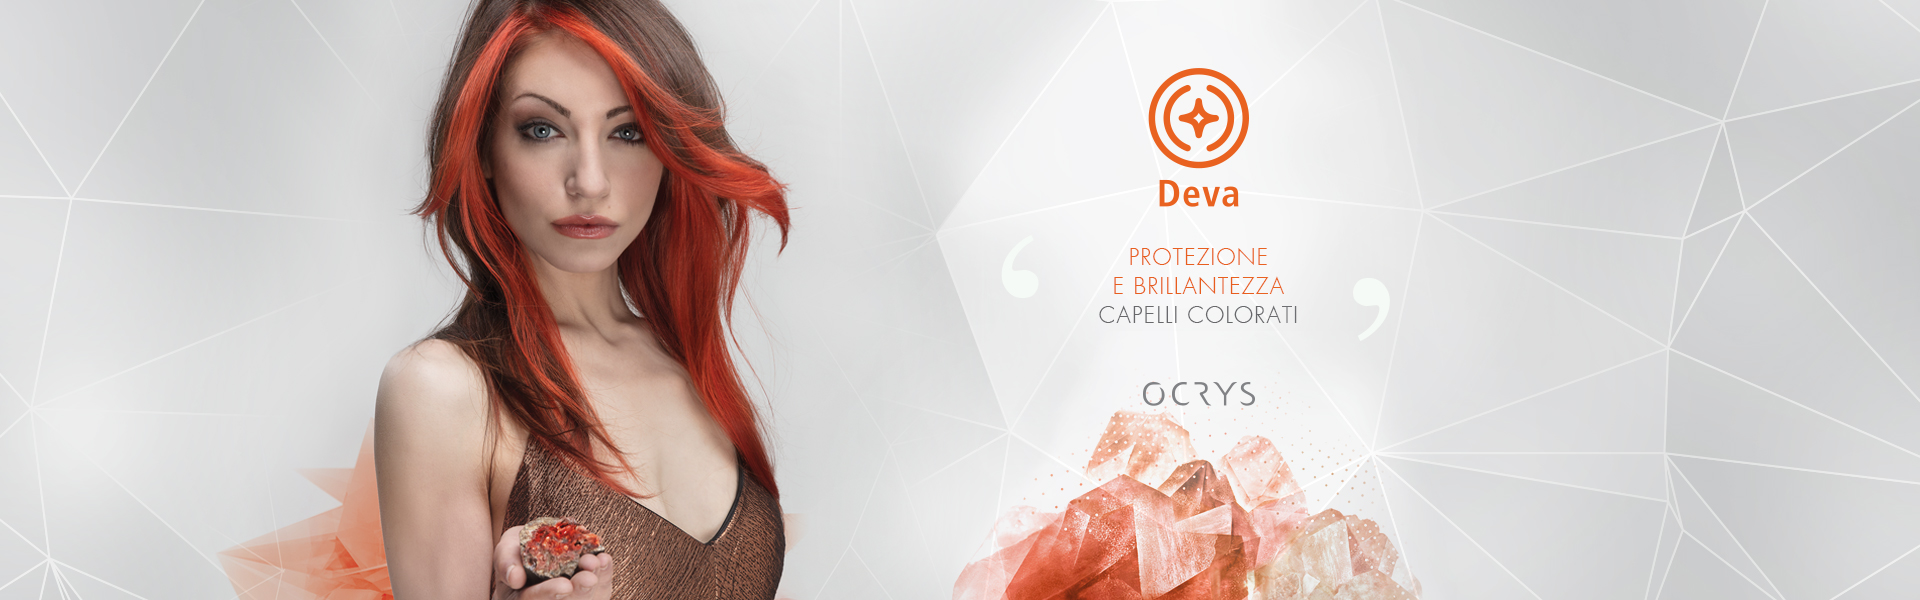 banner_centrali_DEVA